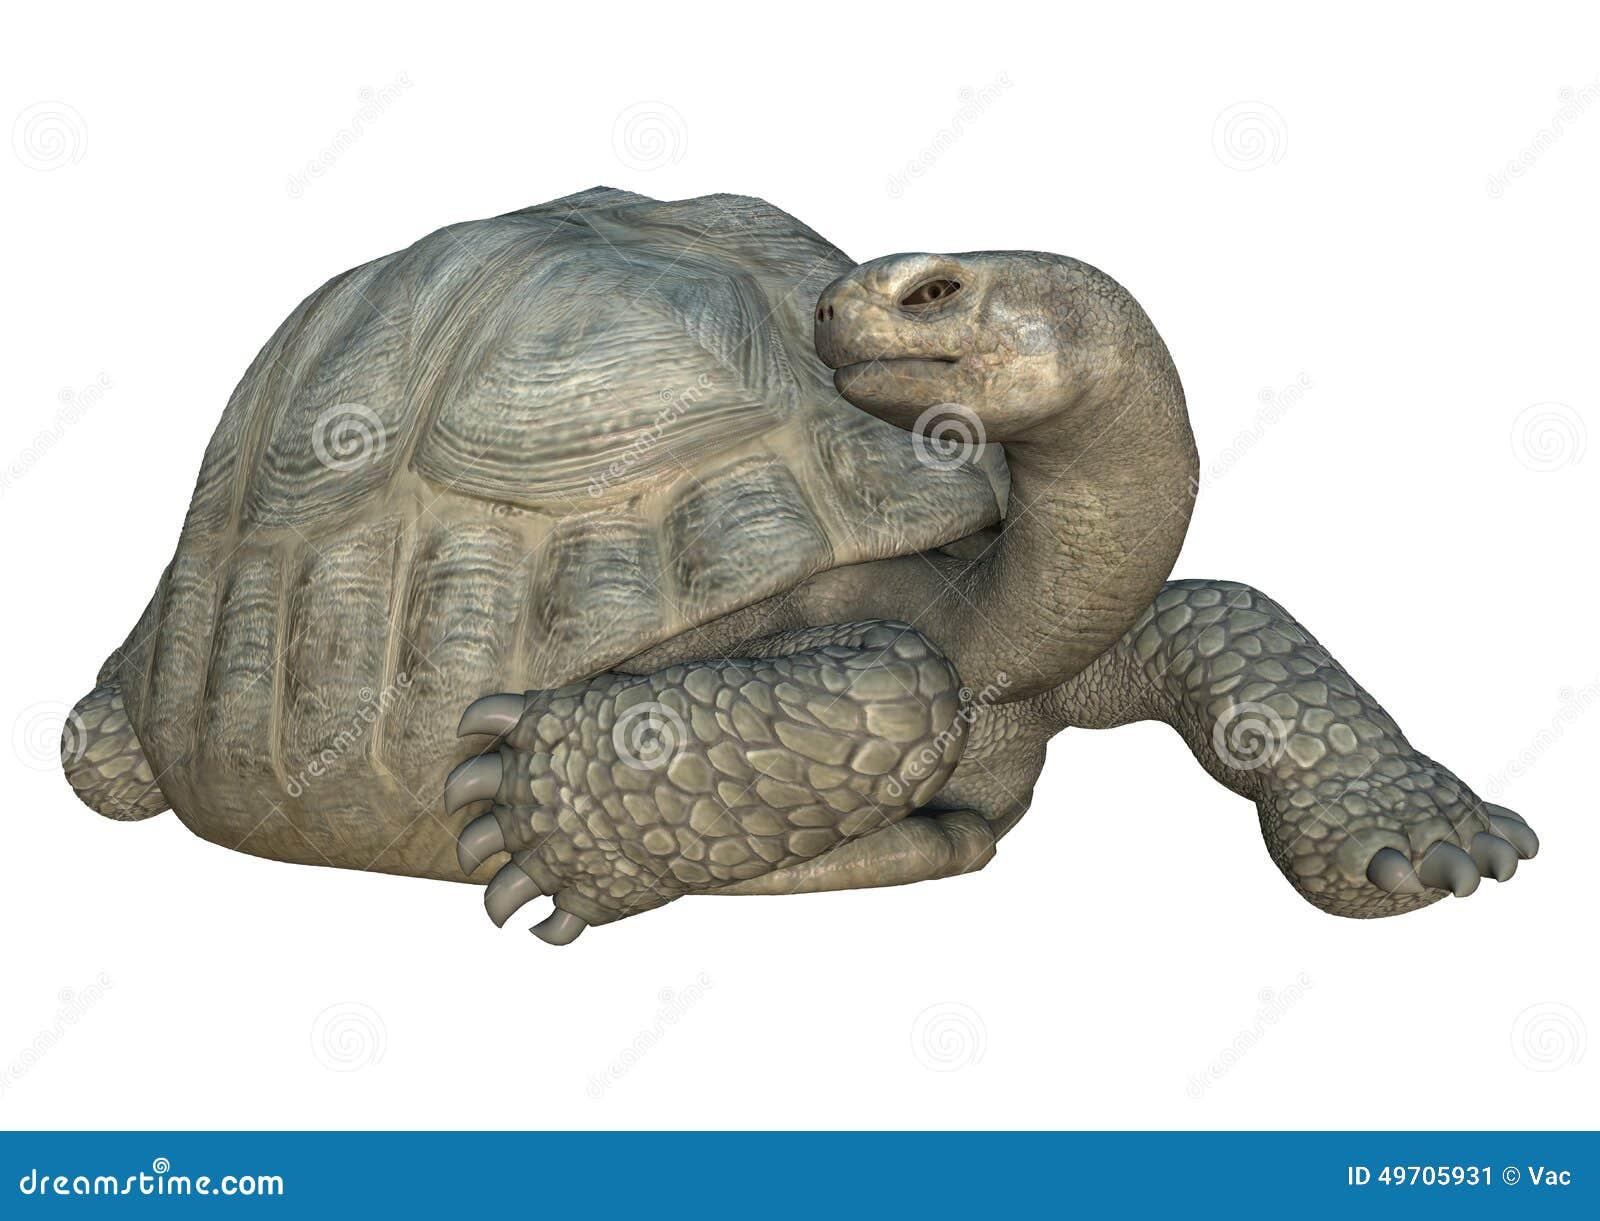 De schildpad van de Galapagos